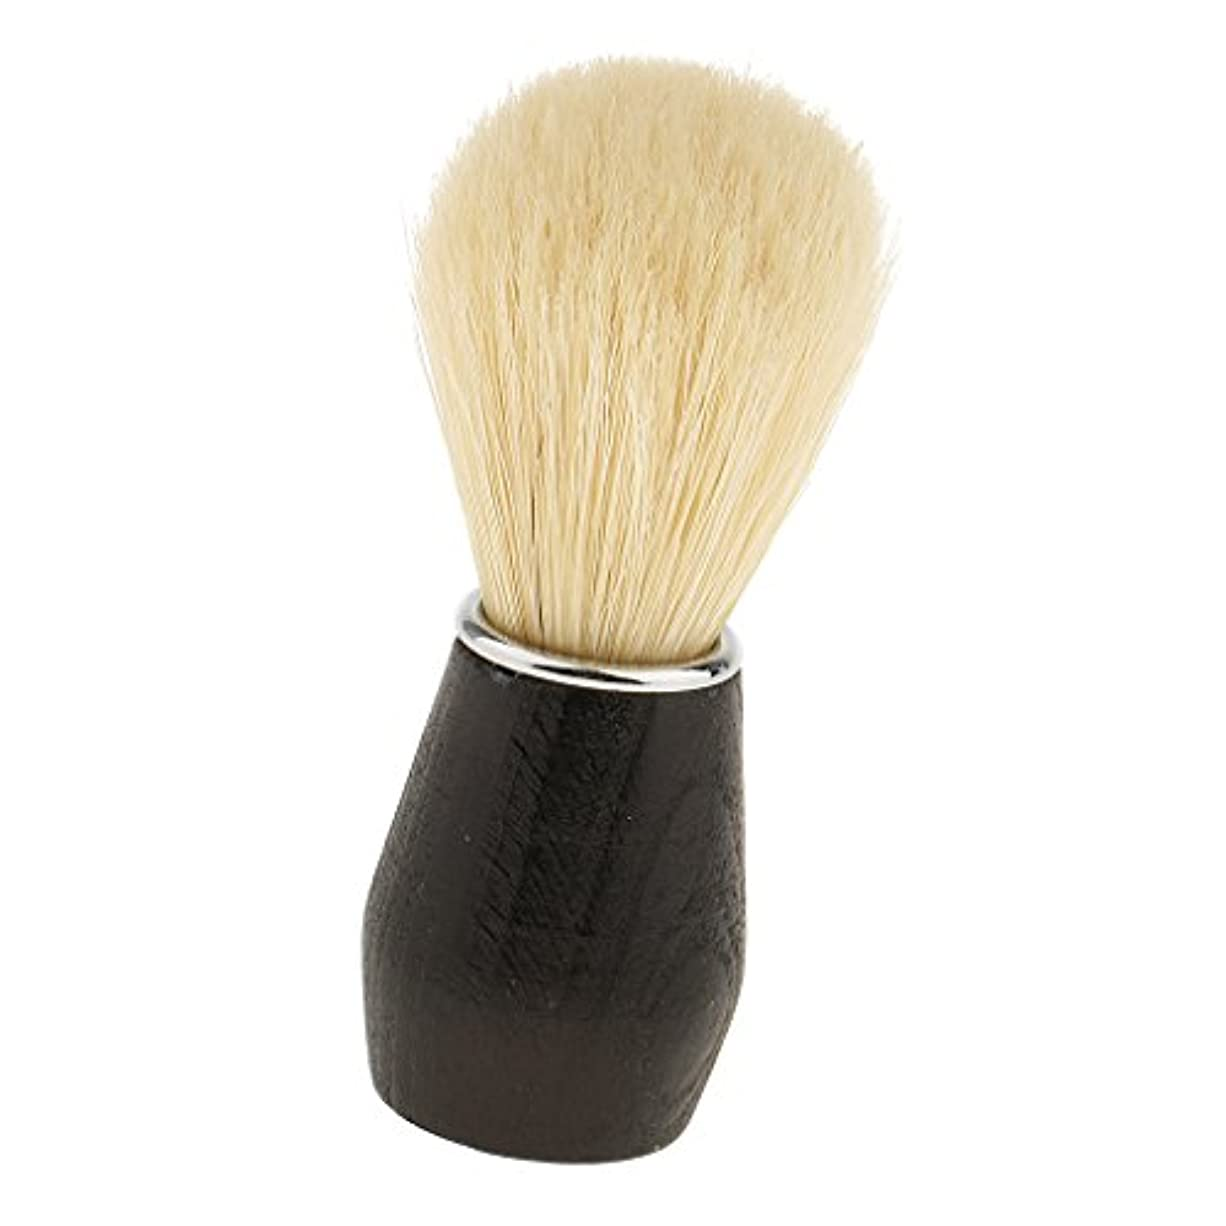 レディ伝統もろいBaosity 父のギフト ソフト 実用的 プロフェッショナル バーバーサロン家庭用 ひげ剃りブラシ プラスチックハンドル フェイシャルクリーニングブラシ ブラック